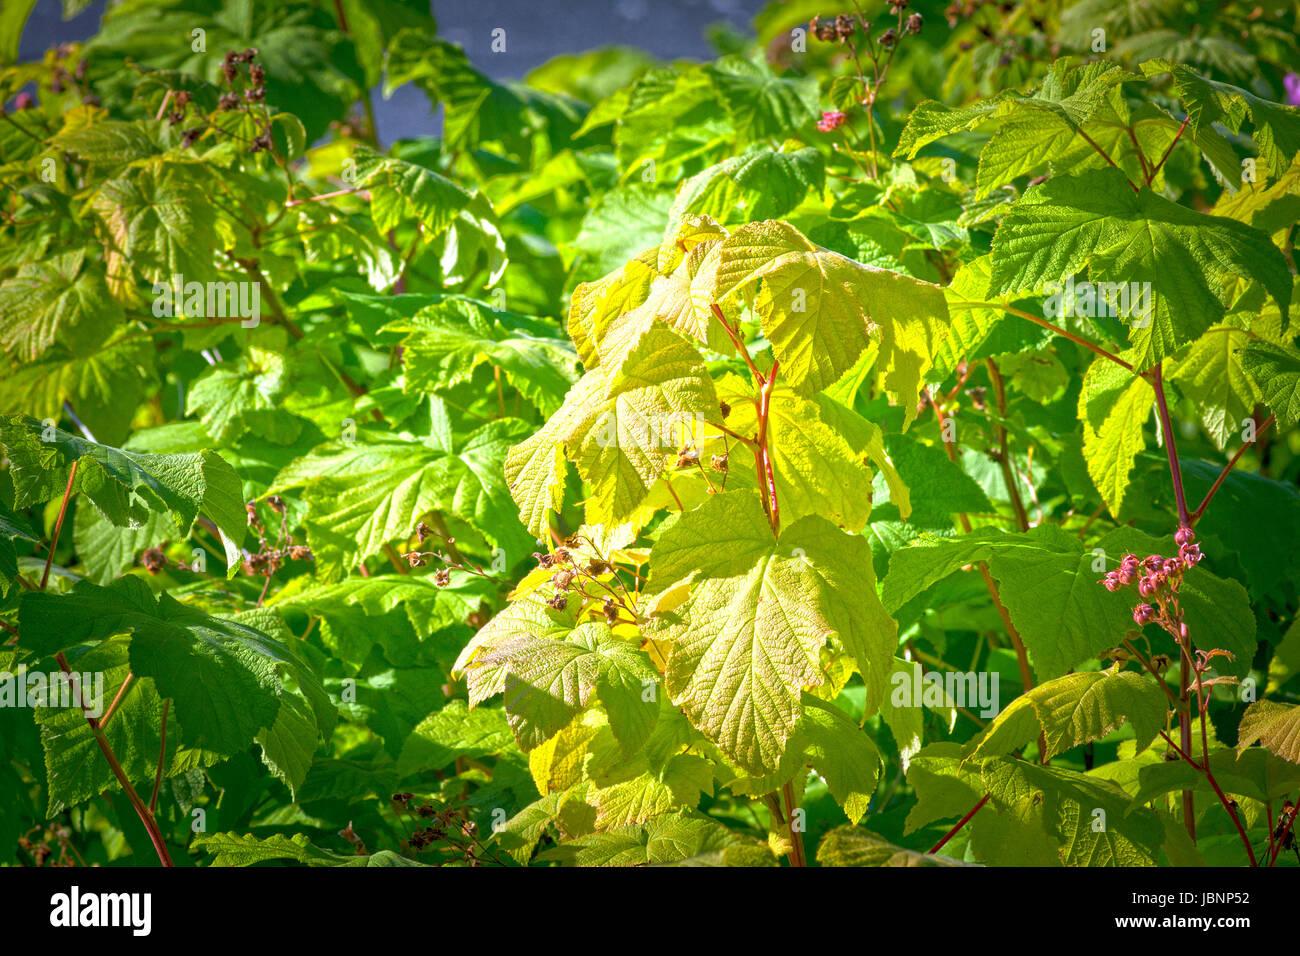 Auf einem buschigen Baum Blätter im Herbst. Strahlender Sonnenschein ich das Zentrum. HDR-Tonung. Stockbild